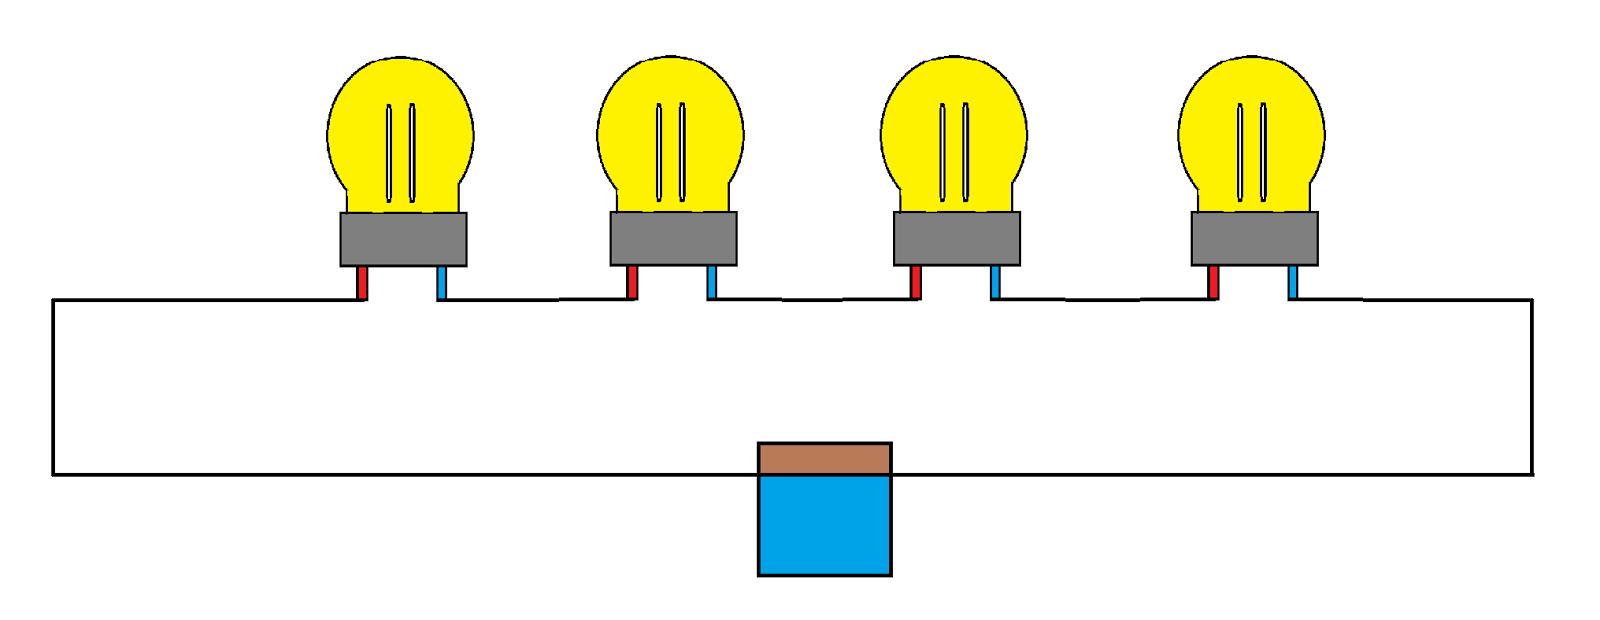 Groovy Merangkai Rangkaian Listrik Seri Dan Paralel Besarta Teori Kerjanya Wiring 101 Capemaxxcnl